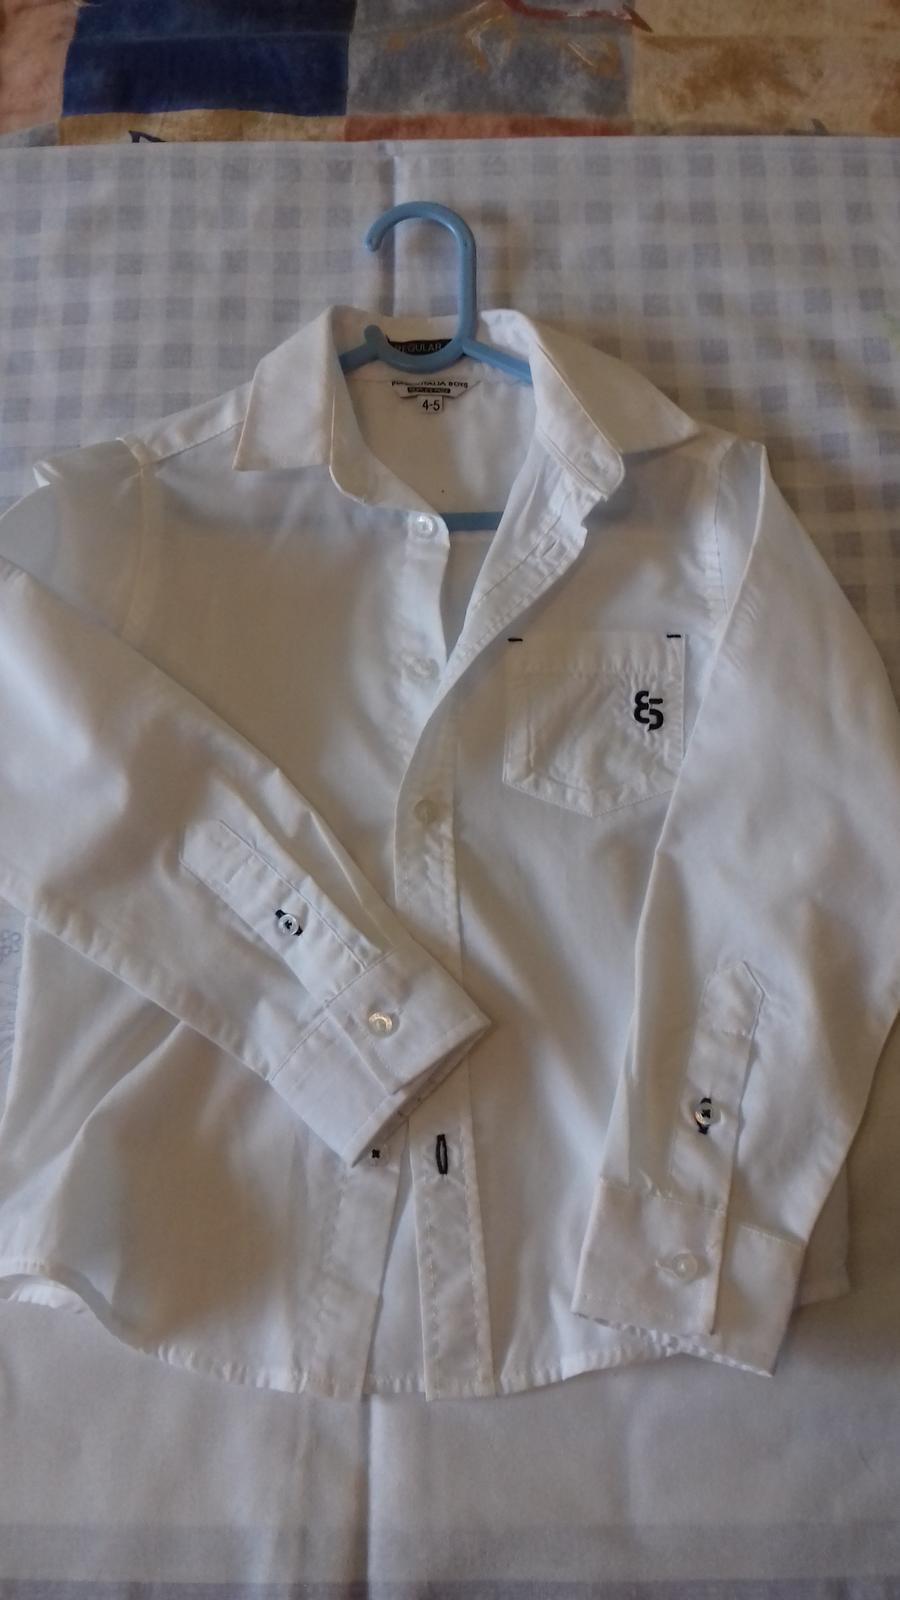 Svadobná biela košeľa s dlhým rukávom  - Obrázok č. 1